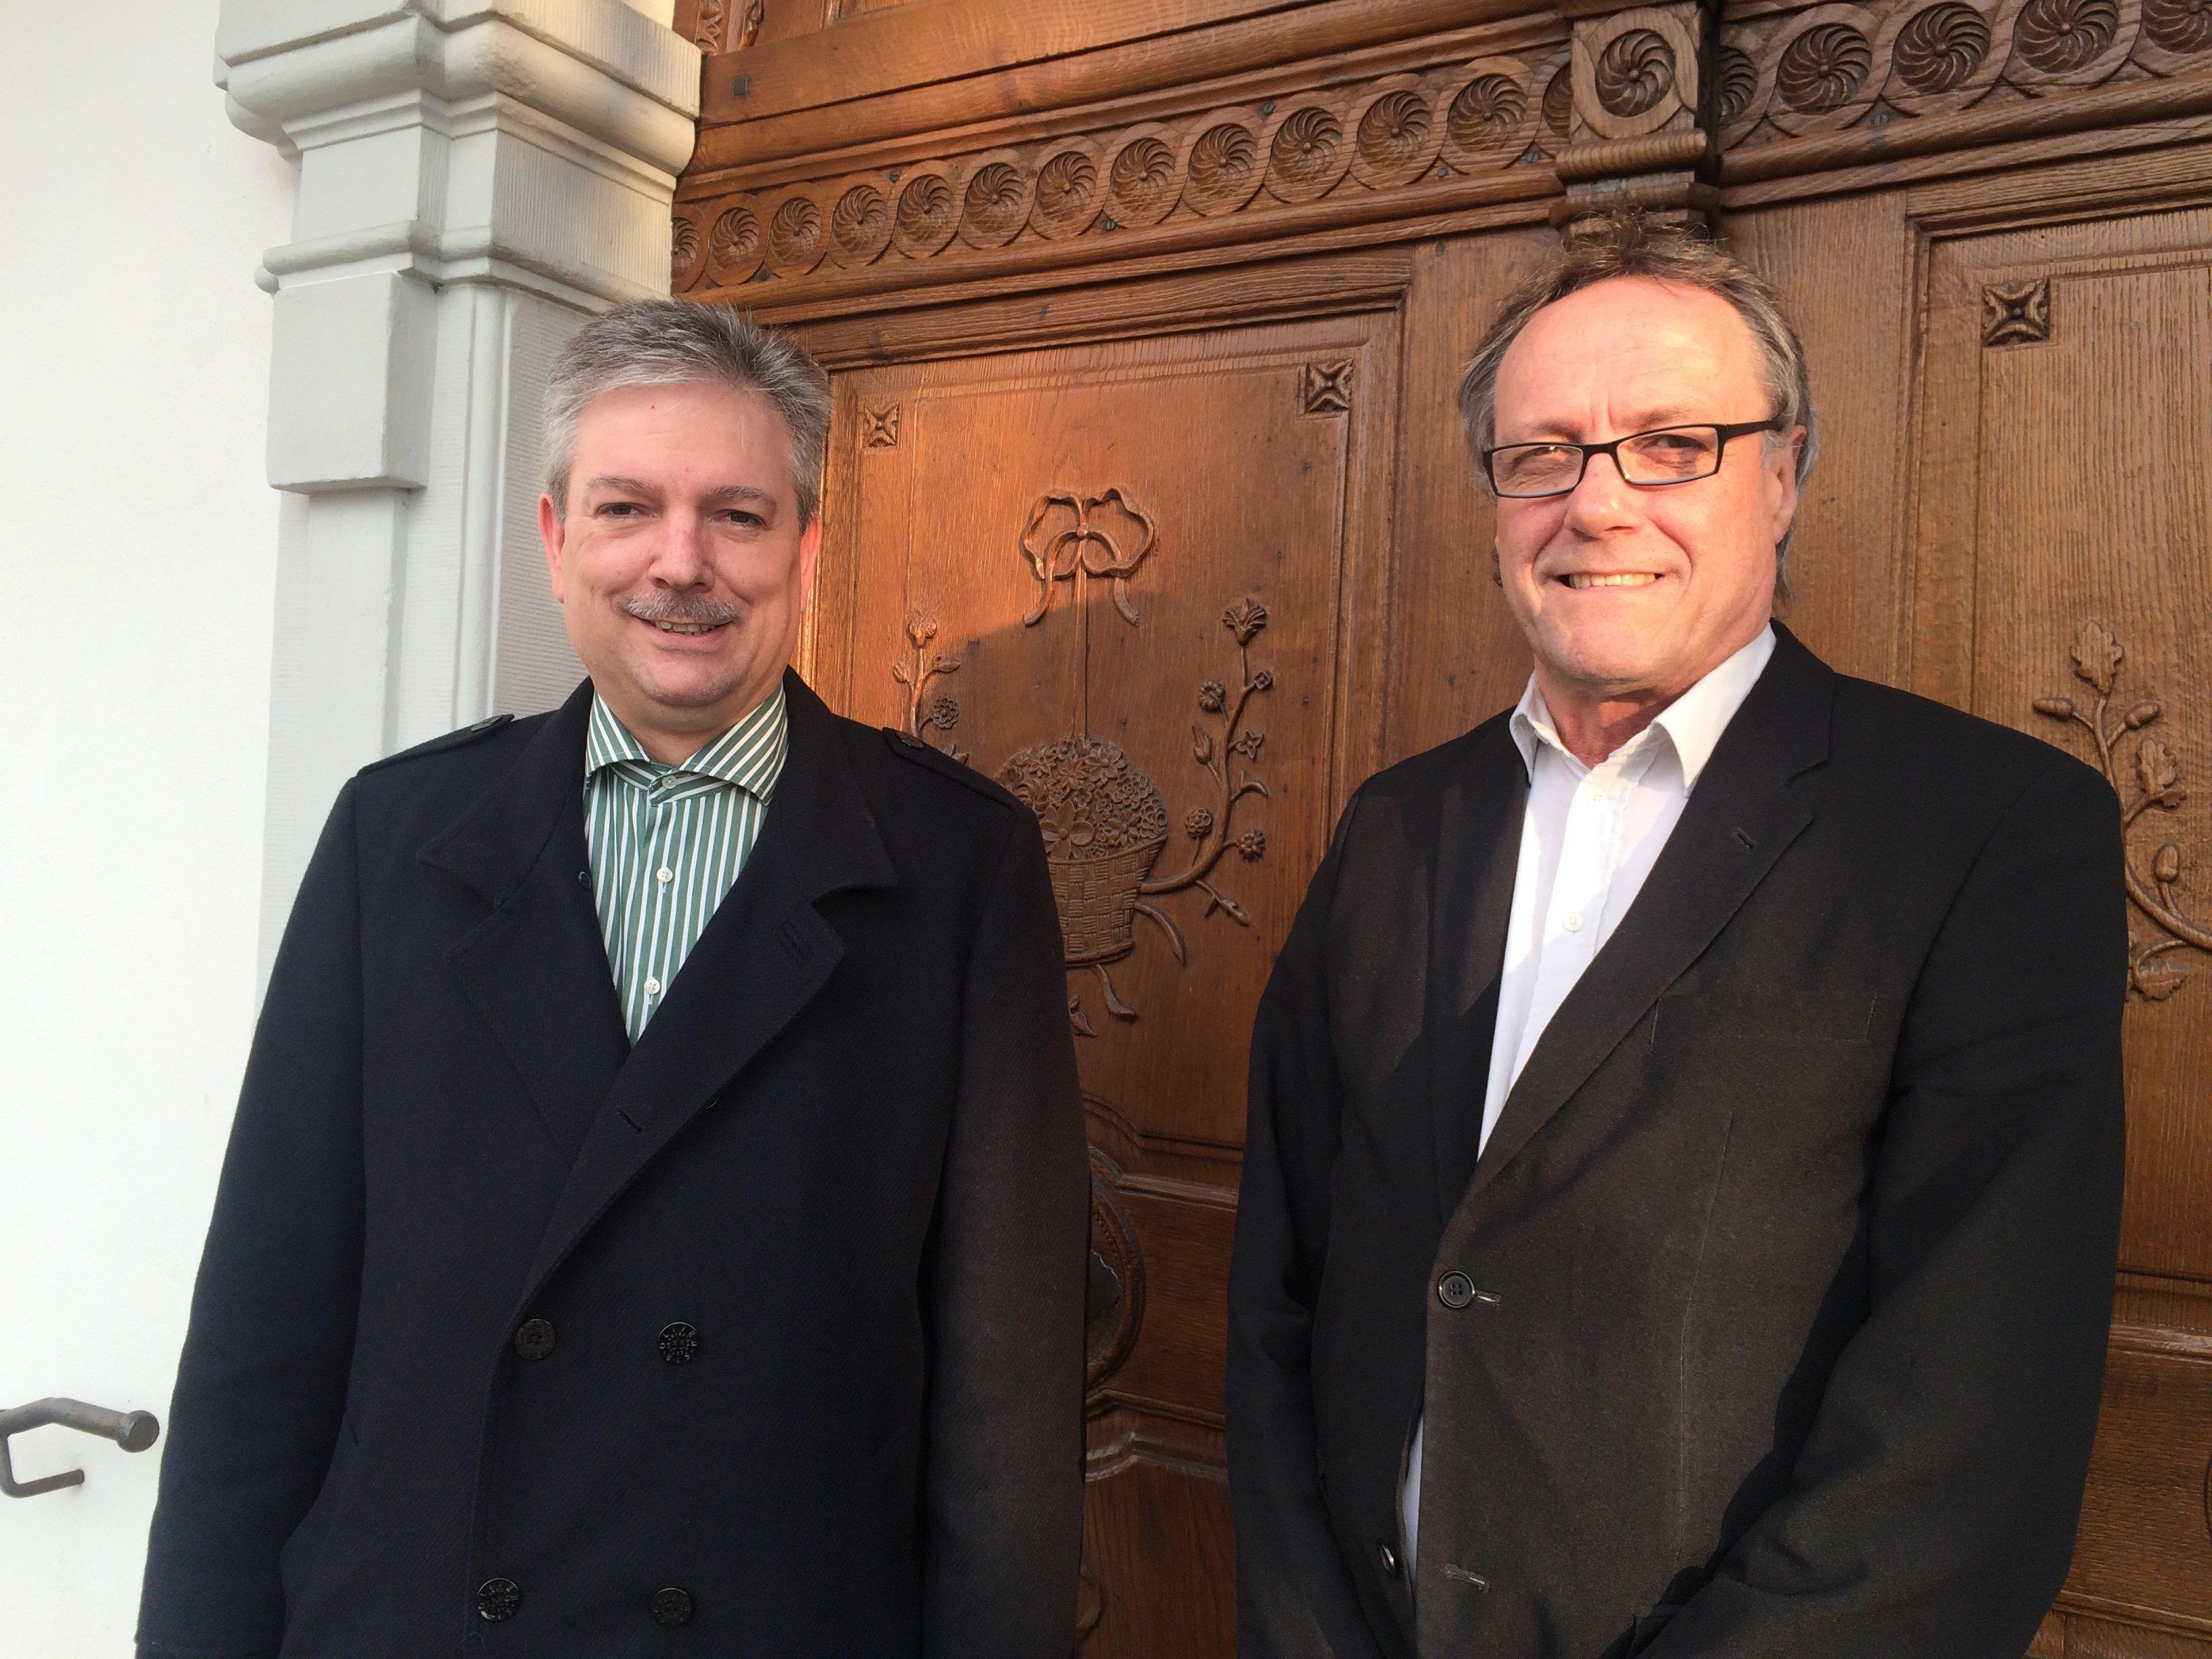 Kirchenrat Peter Alge (r) und Gerald Bischof freuen sich auf regen Besuch.